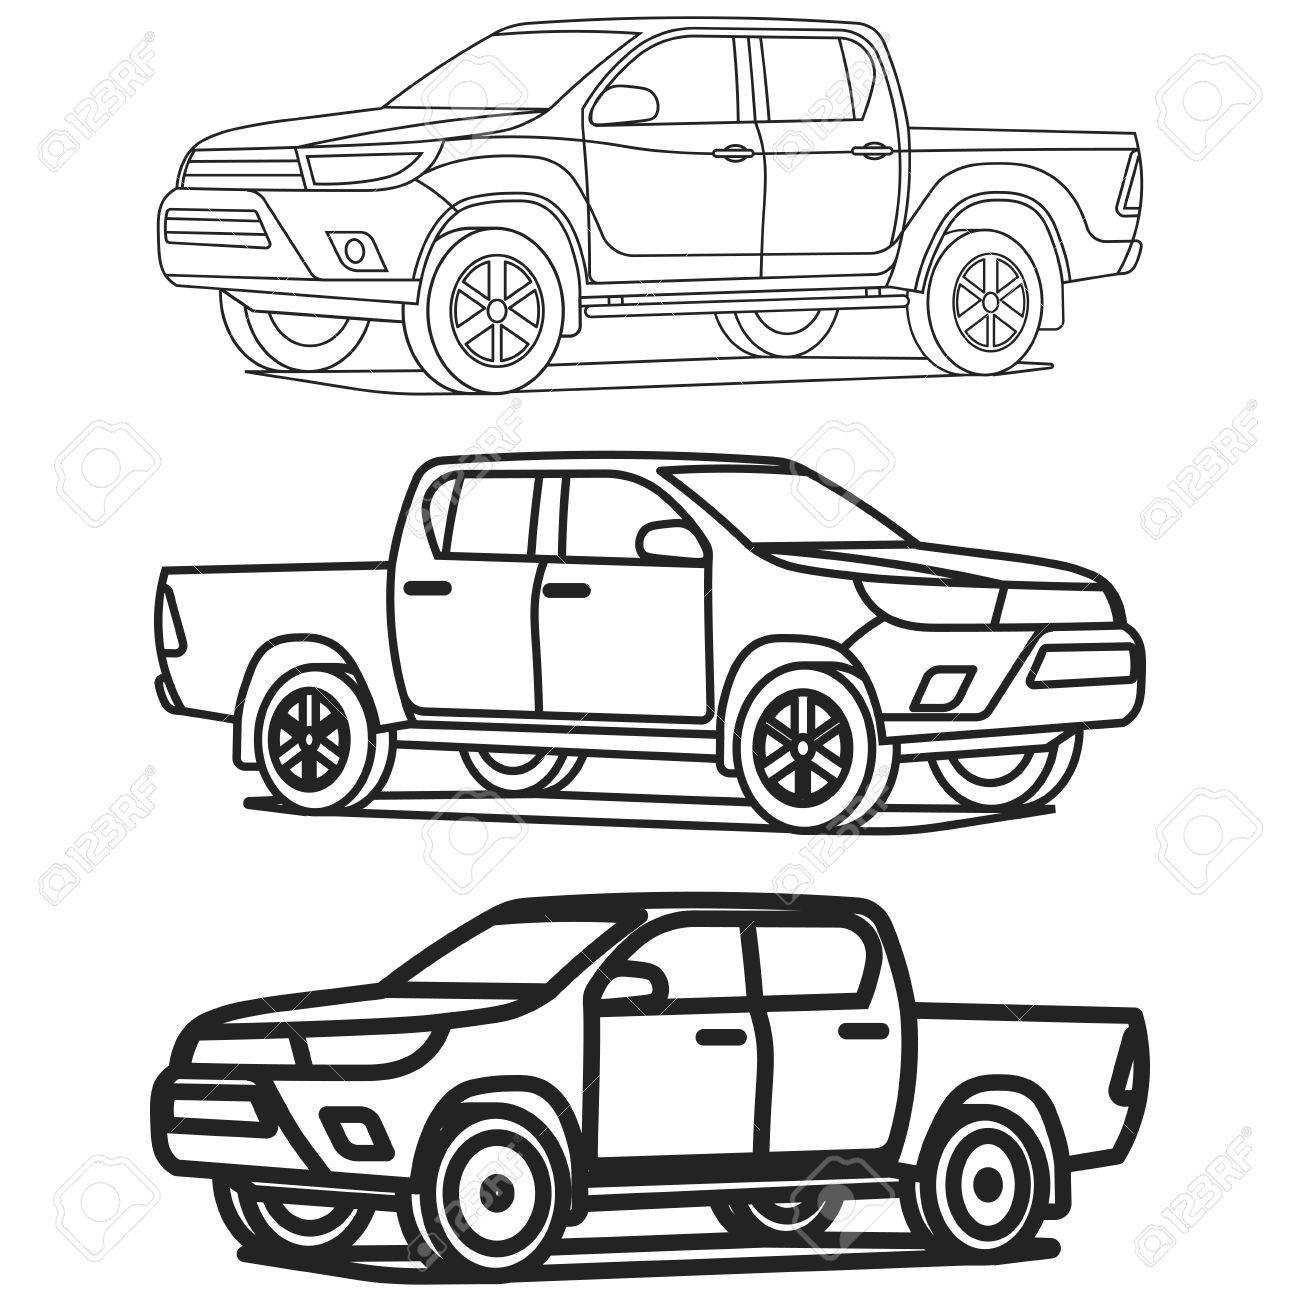 1300x1300 Pickup Truck Outline On White Background Vector Illustration